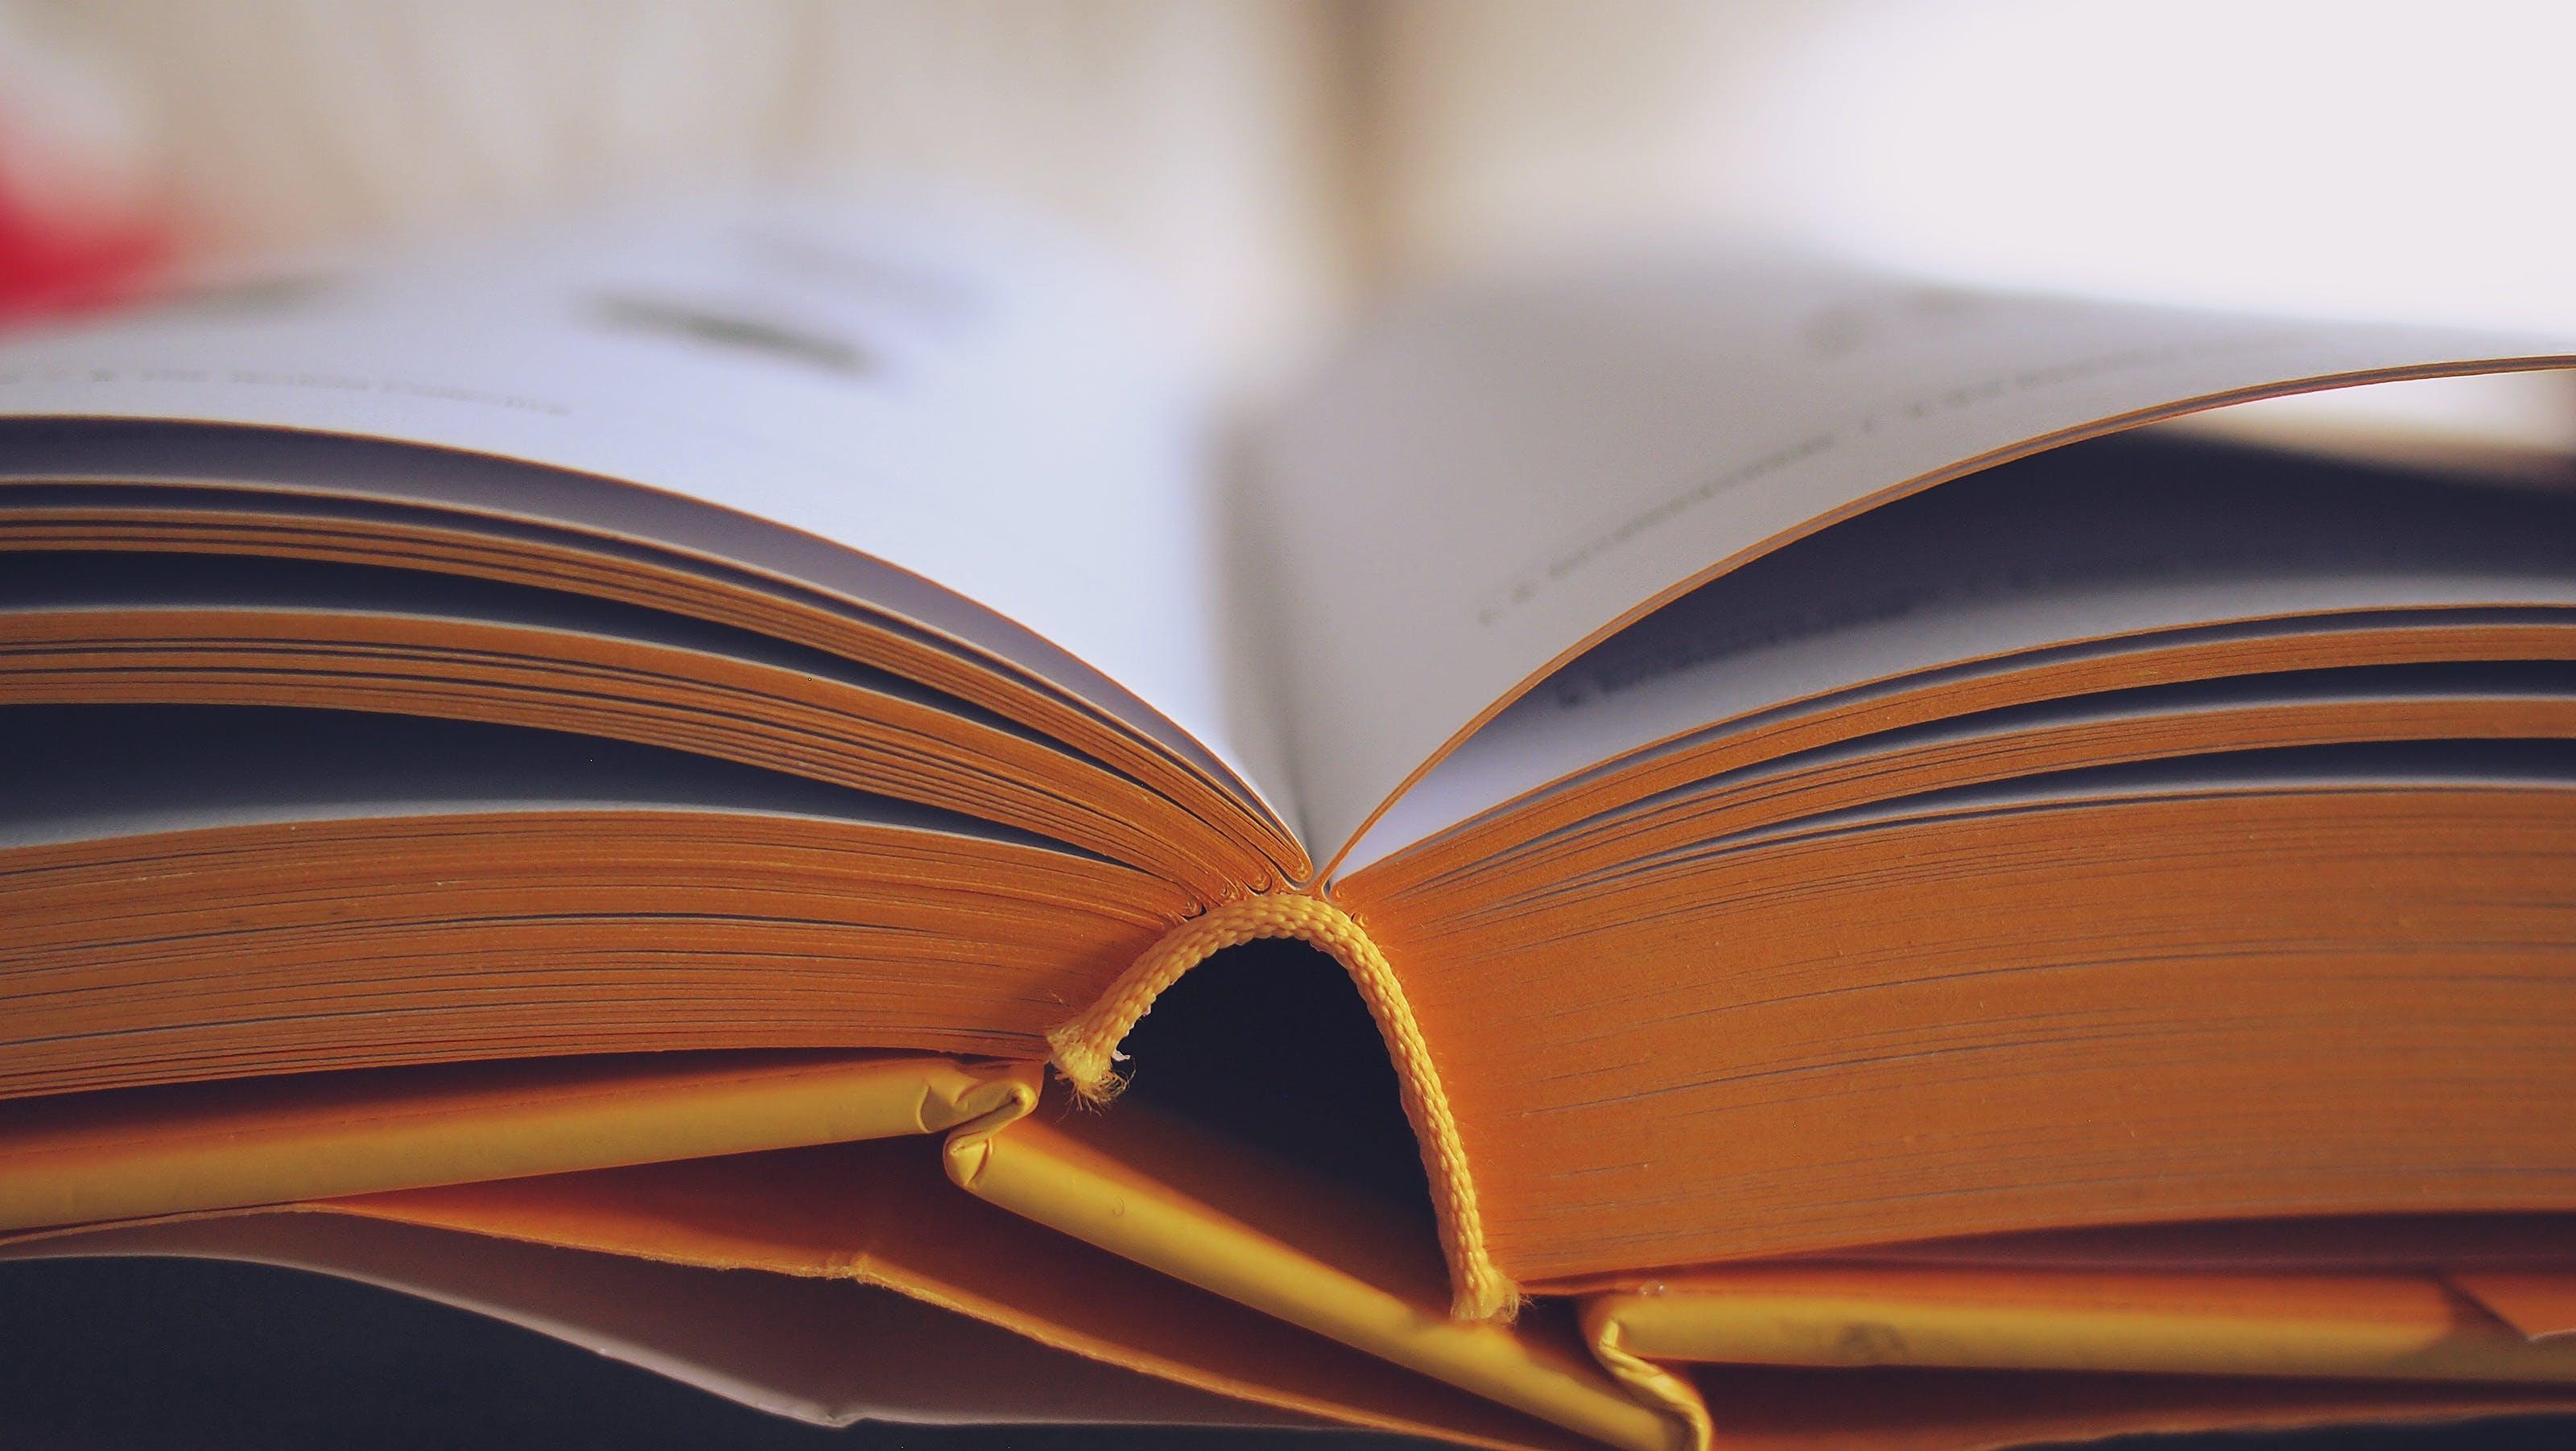 Fotos de stock gratuitas de aprender, aprendiendo, biblioteca, colegio